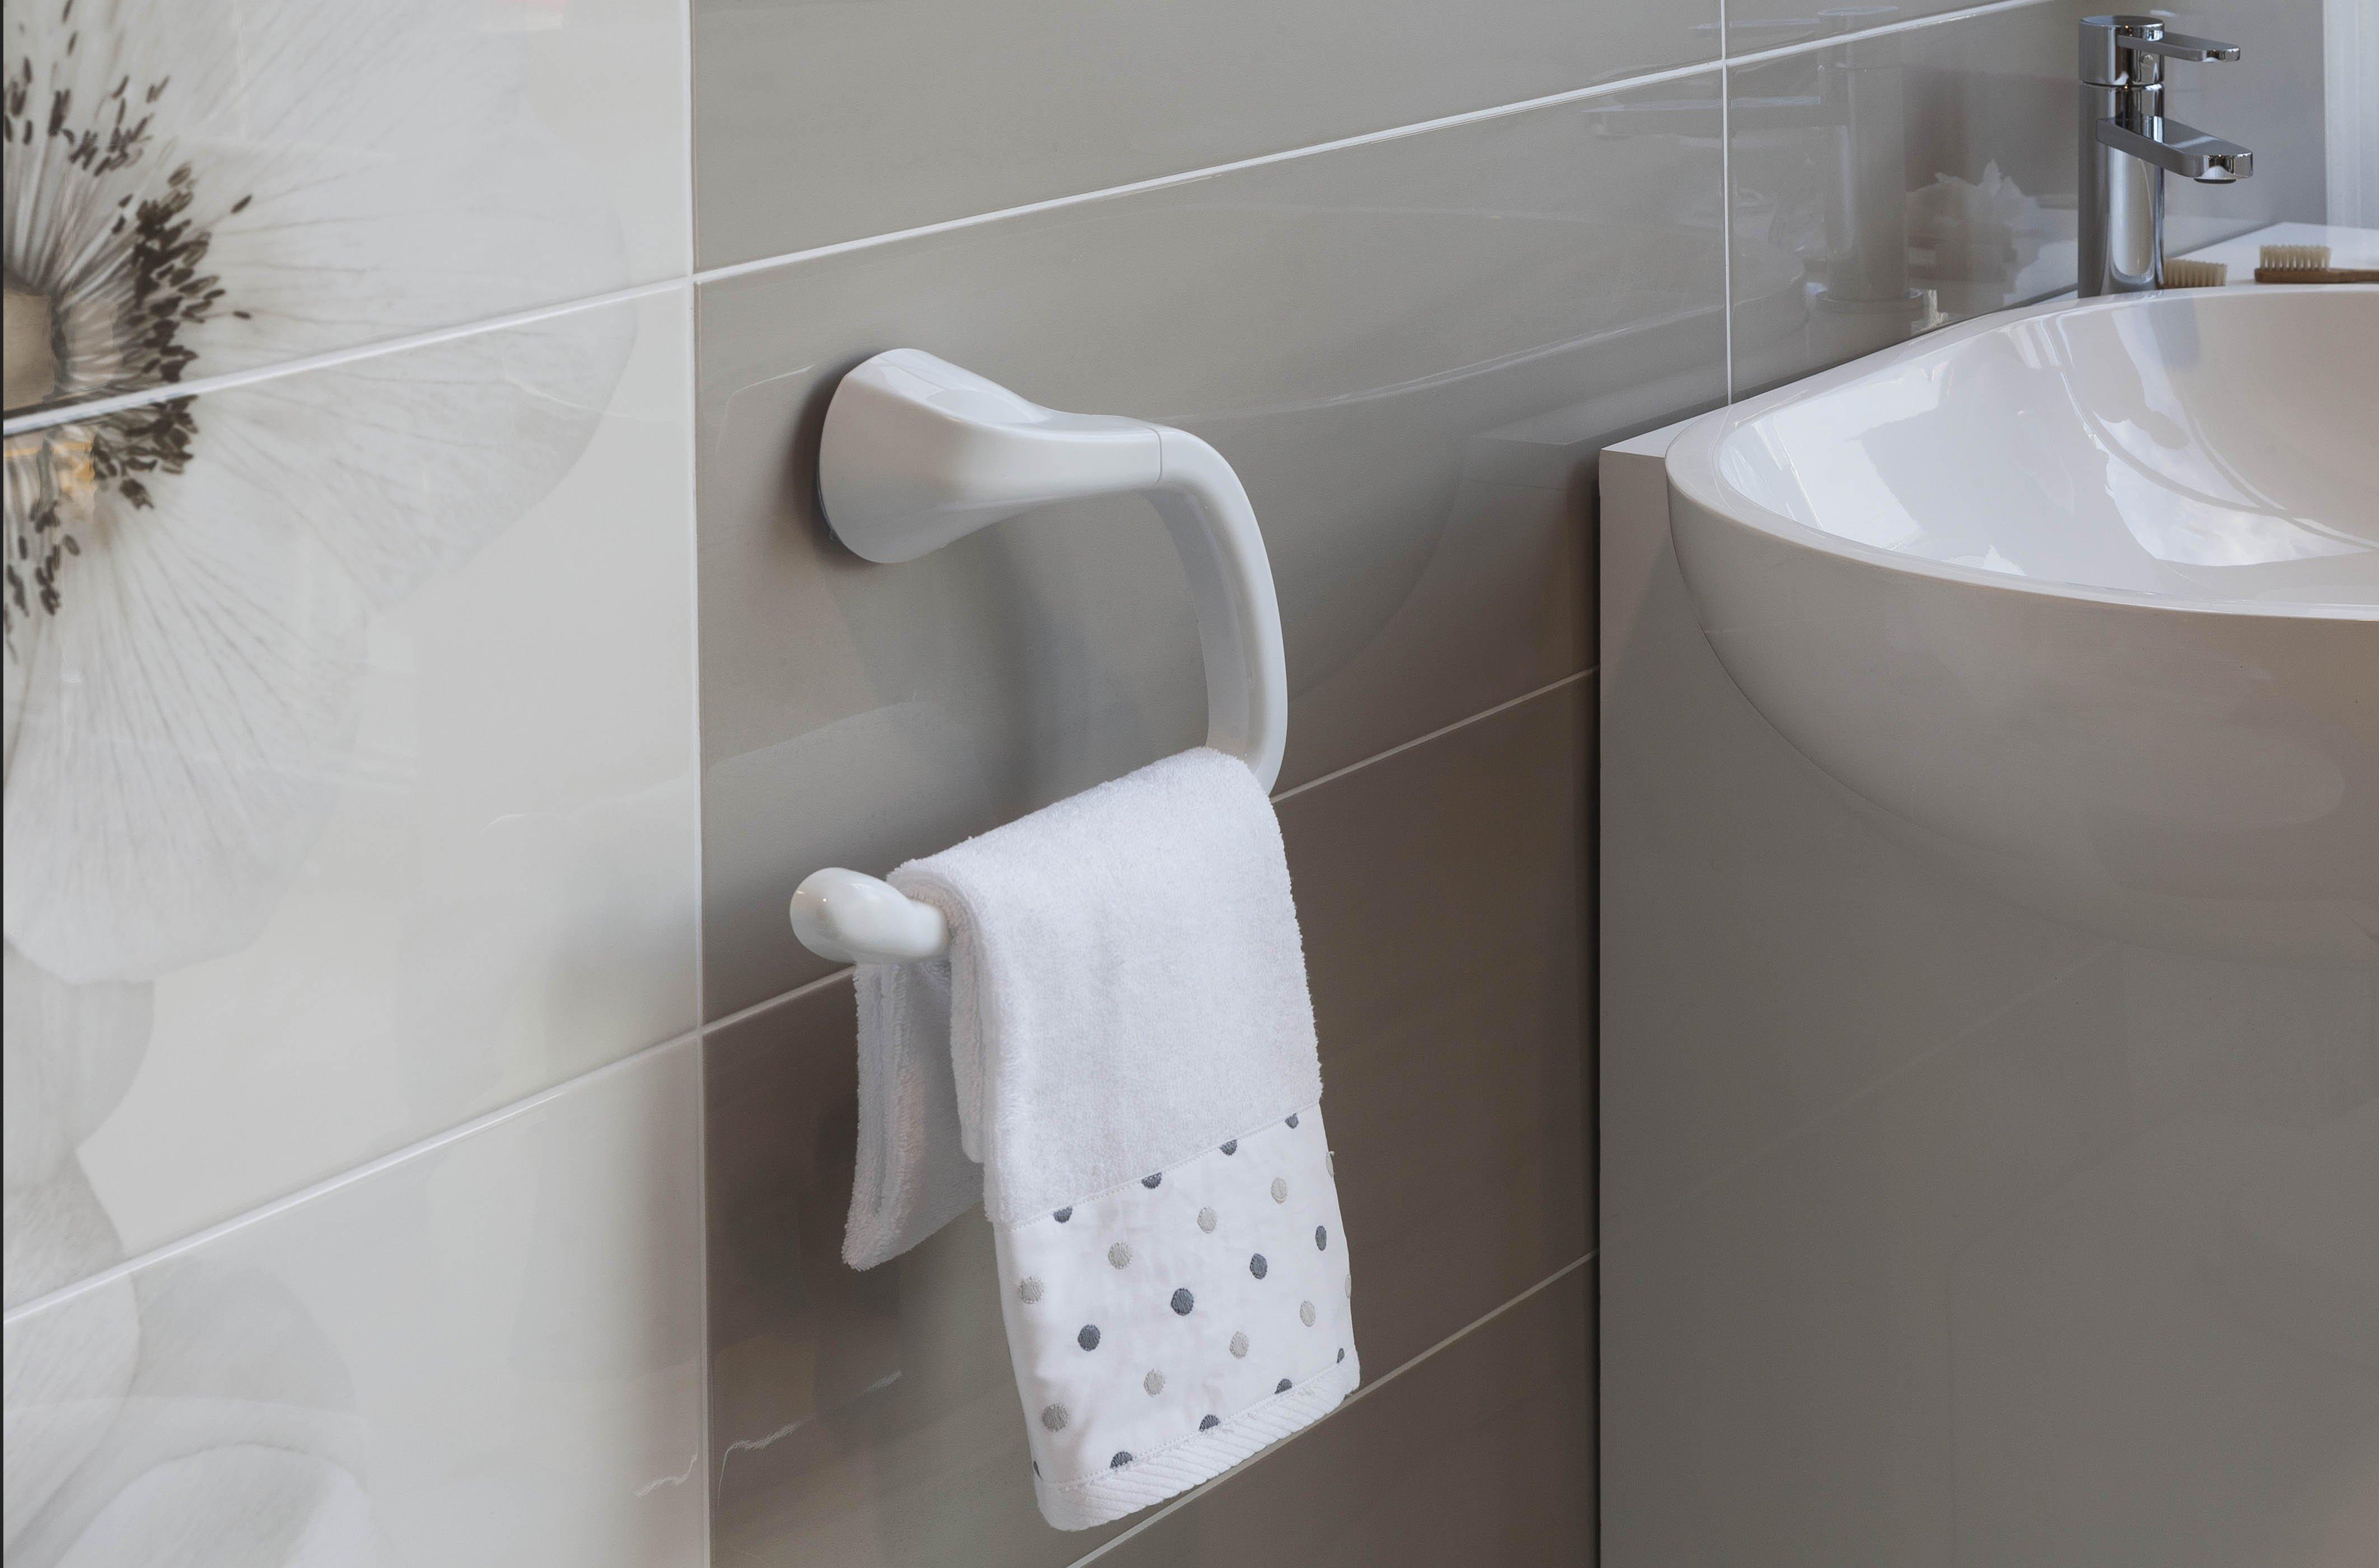 In bagno accessori senza viti e tasselli cose di casa for Accessori per bagno